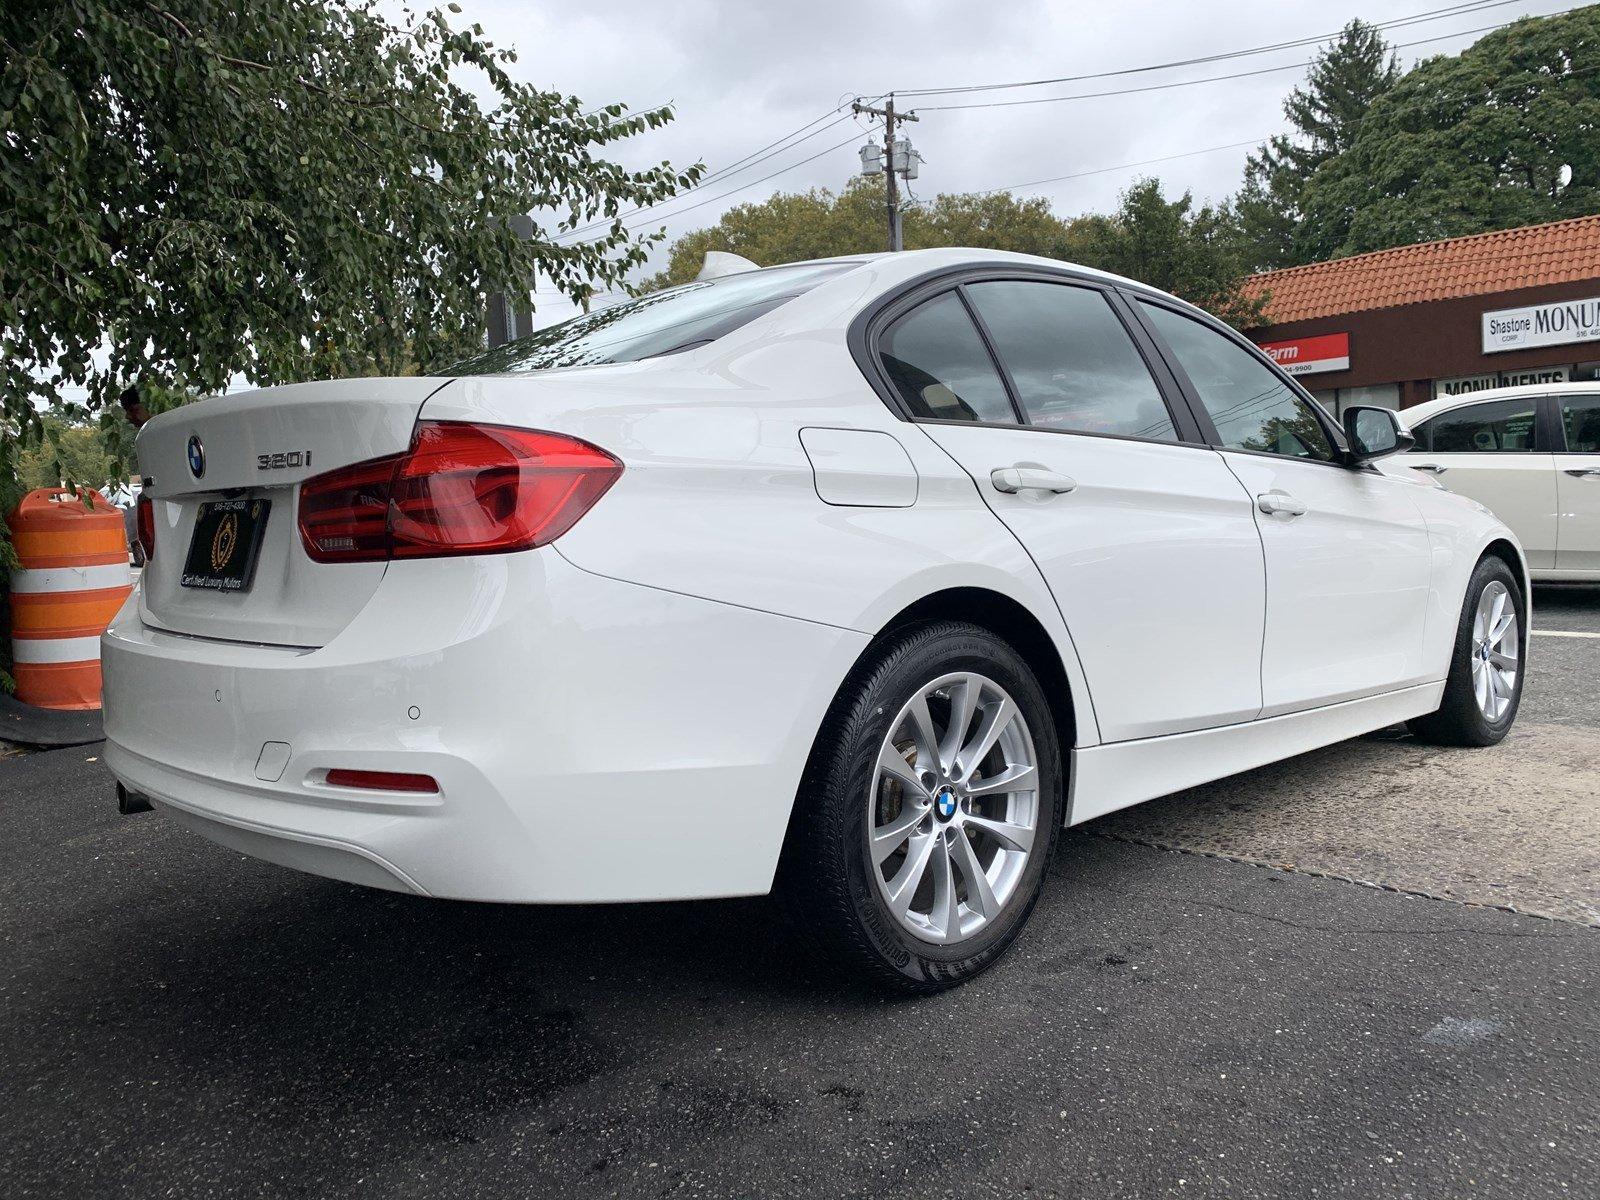 Used-2016-BMW-3-Series-320i-xDrive-(Loaded,Navi/Backup-Cam)